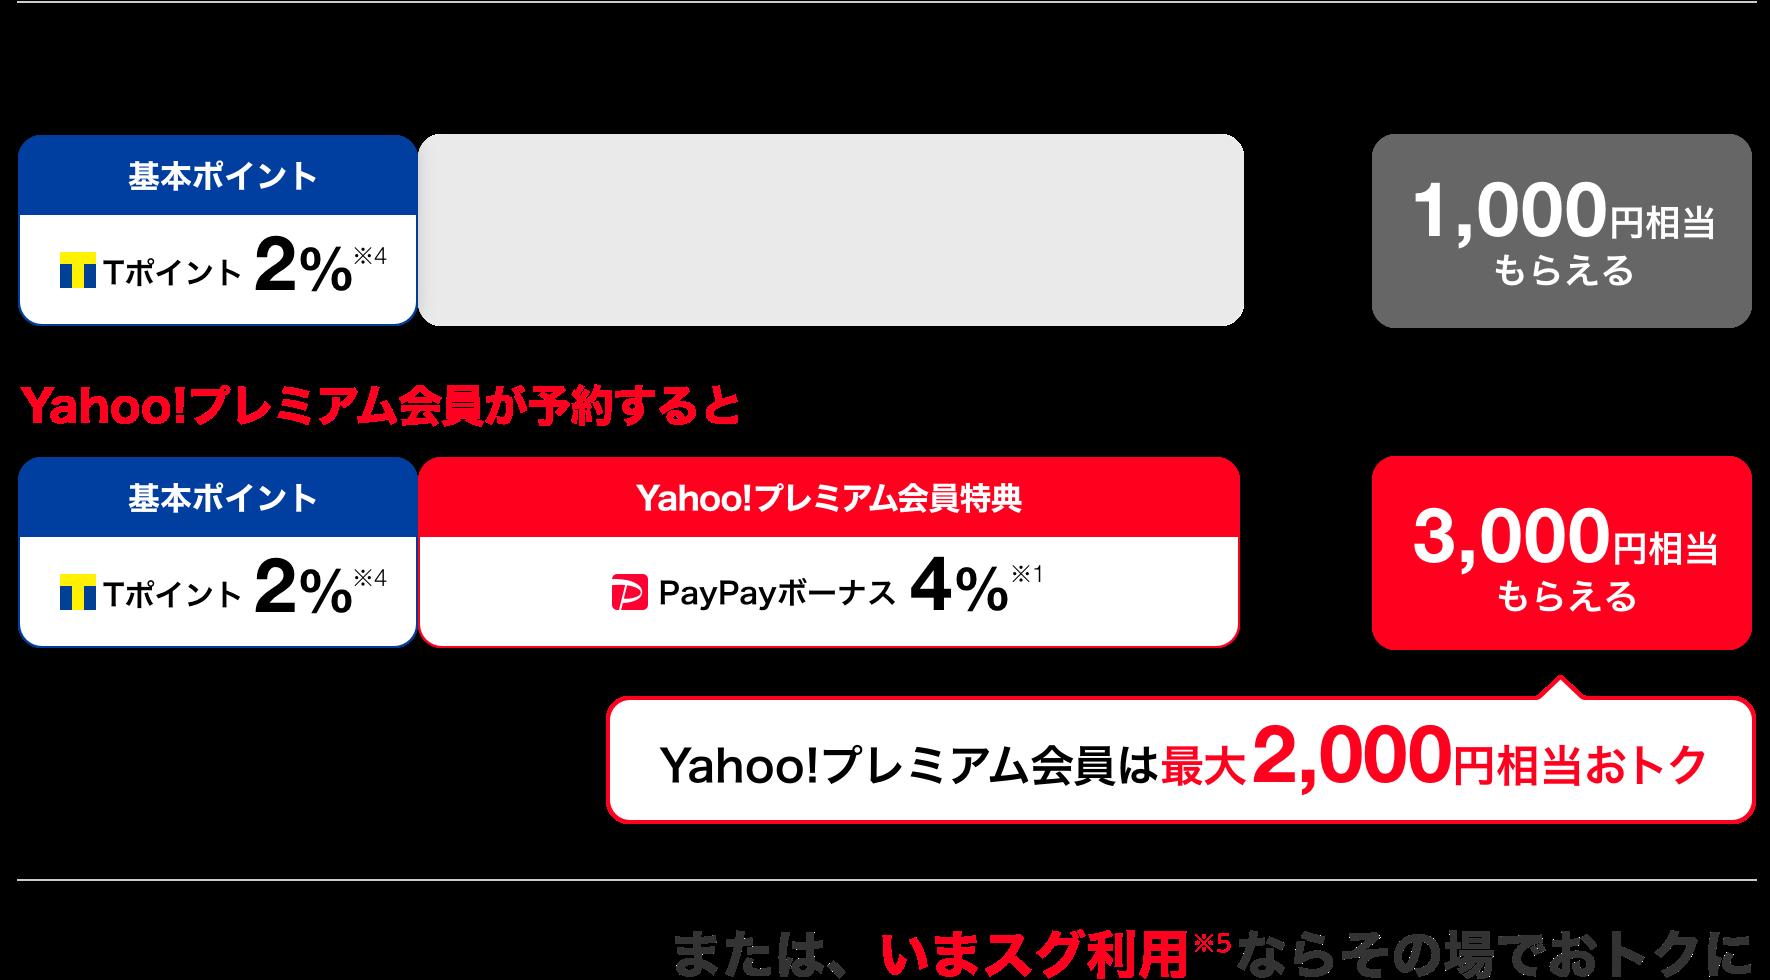 Yahoo!プレミアム会員が予約すると3,000円相当もらえる。または、いまスグ利用※5ならその場でおトクに